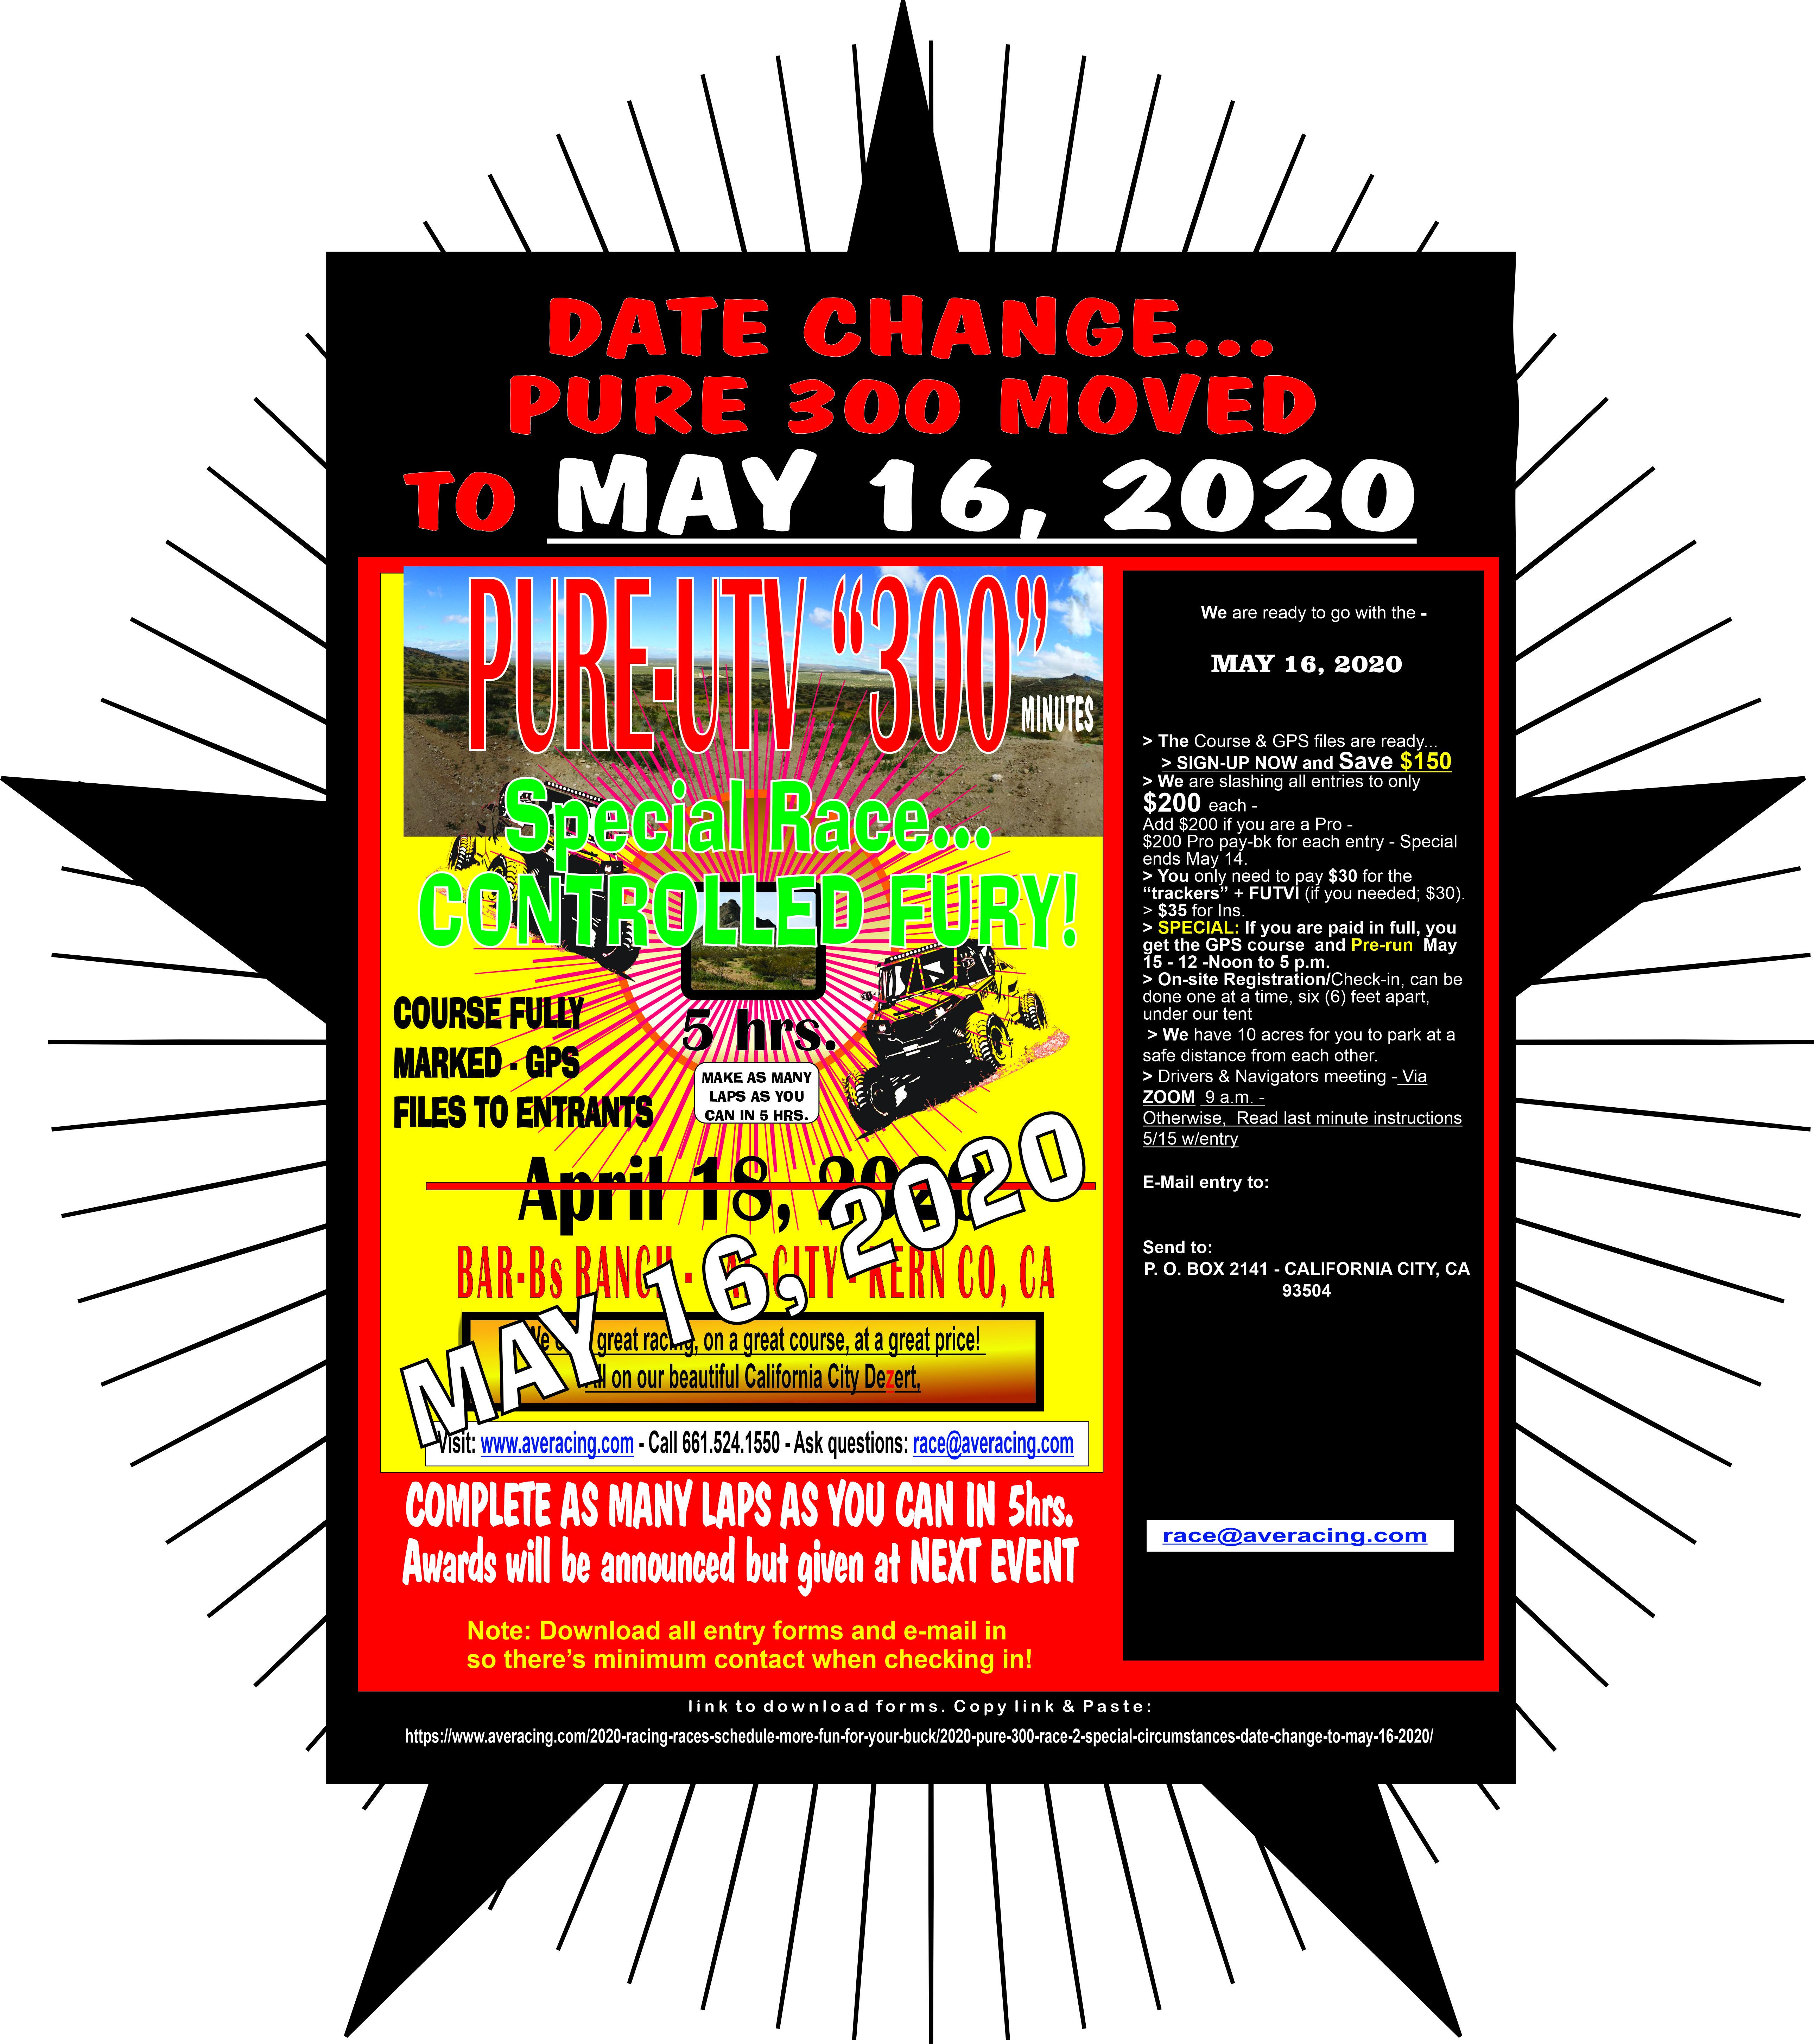 20-P300-FINAL-UPDATE-MAY16-FINAL-Tabloid-PART-3-Apr30.jpg